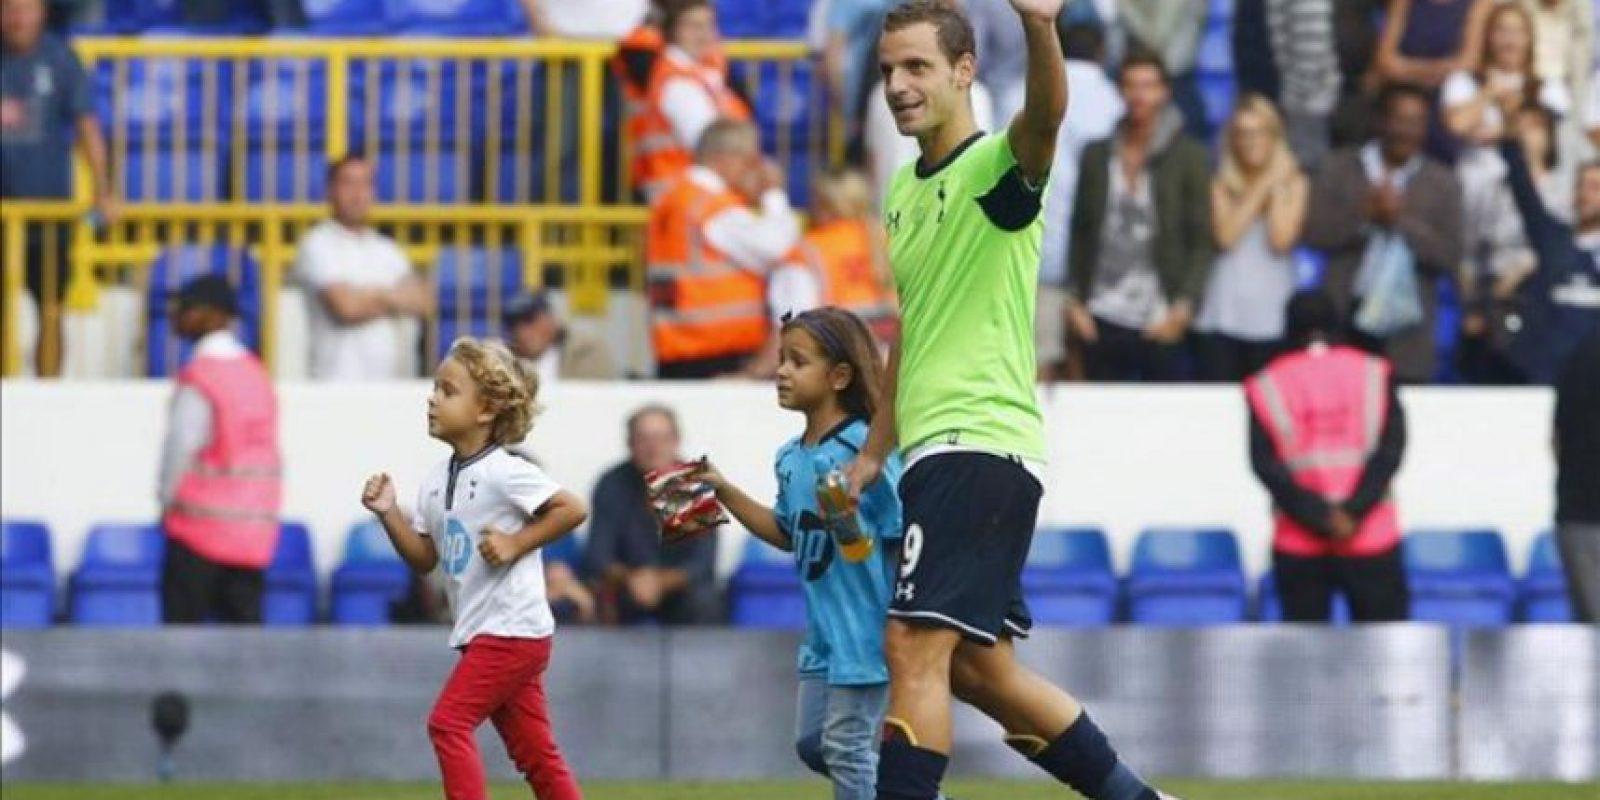 El delantero del Tottenham Hotspur Roberto Soldado festeja el triunfo de su nuevo equipo contra el Swansea City gracias a un gol suyo de penalti en White Hart Lane en Londres, Reino Unido. EFE